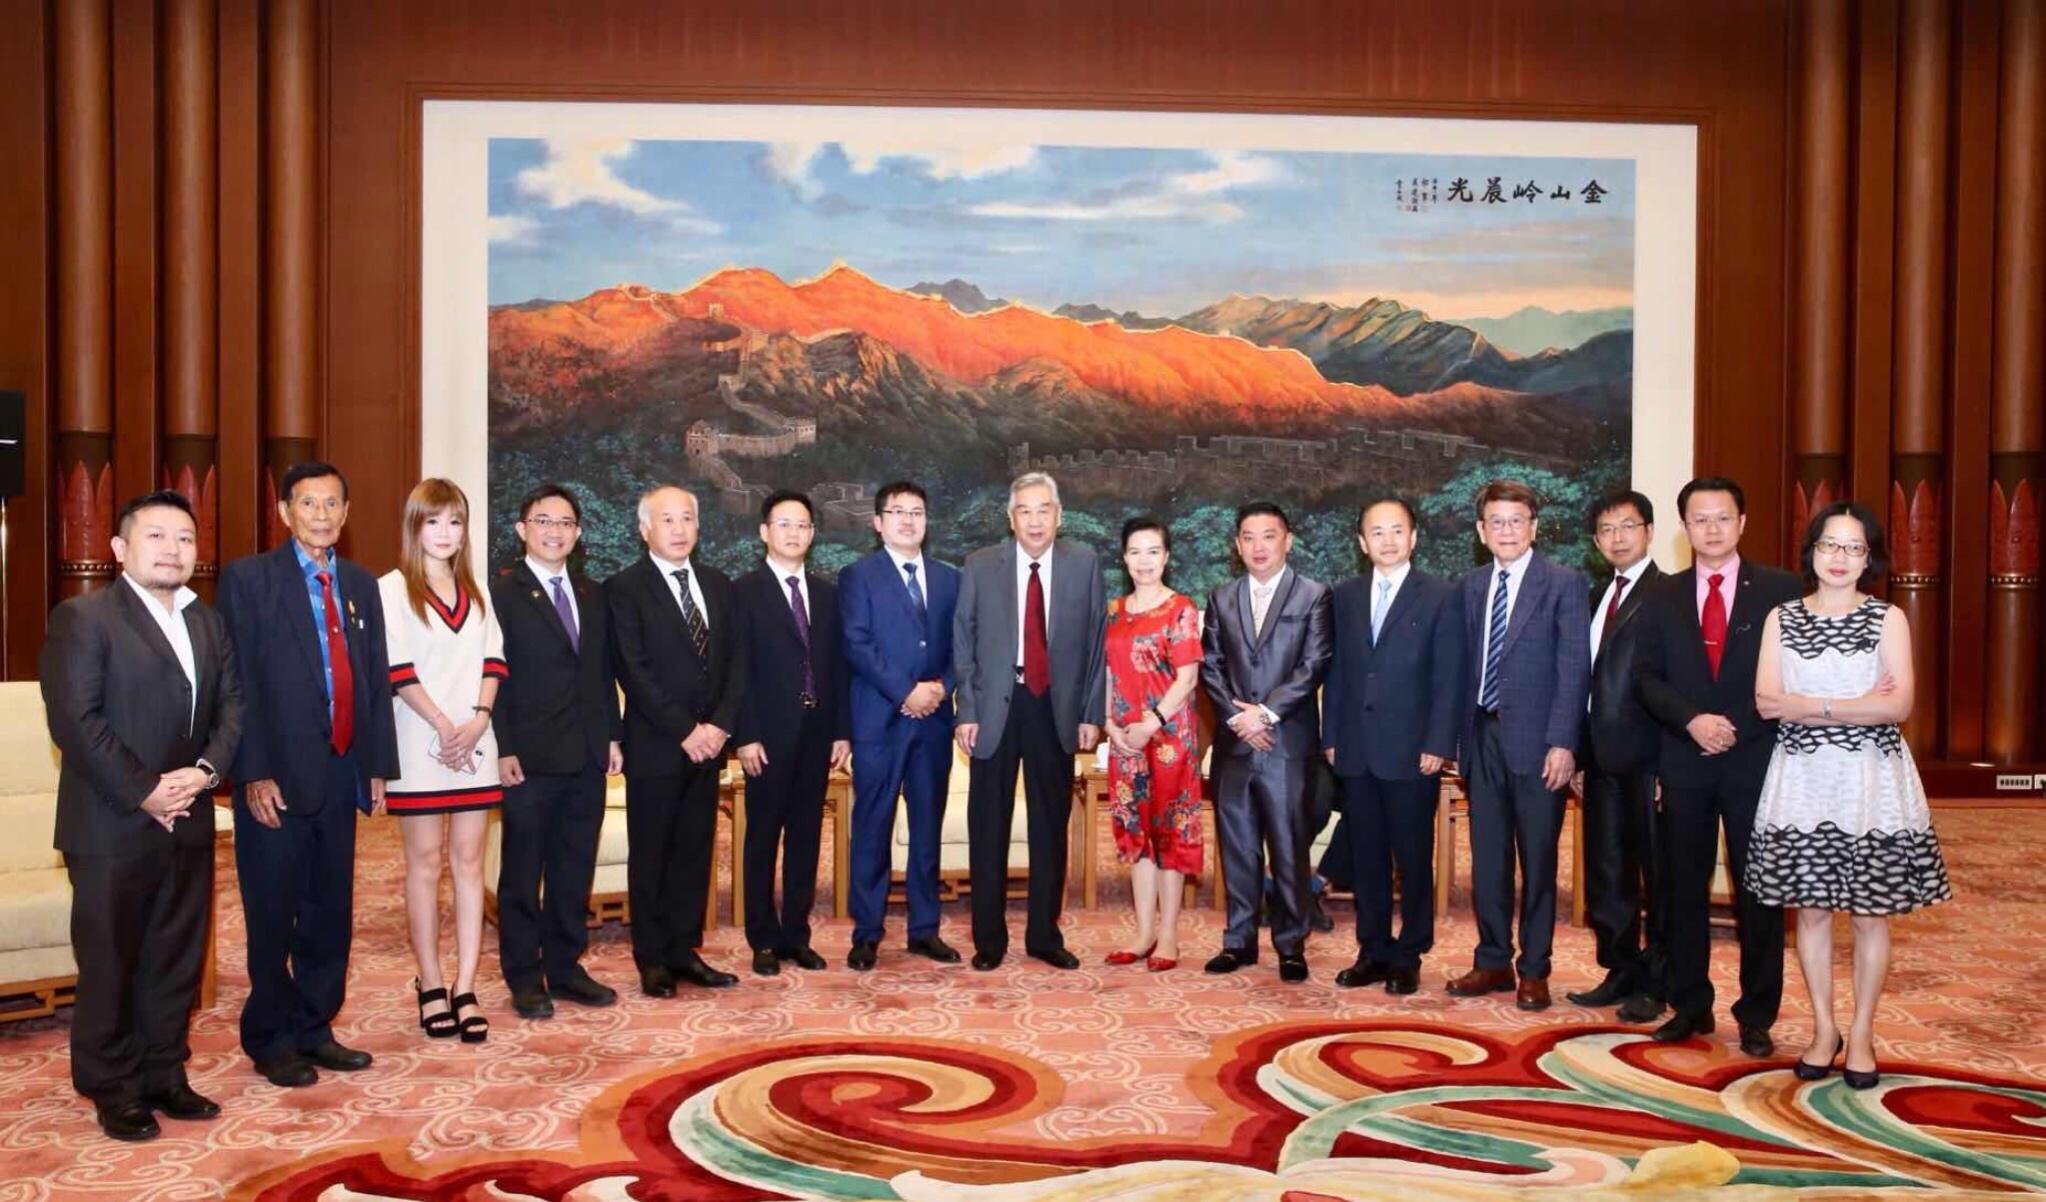 全國政協副主席李蒙和全球優秀華商合影 許玉煥(左三)